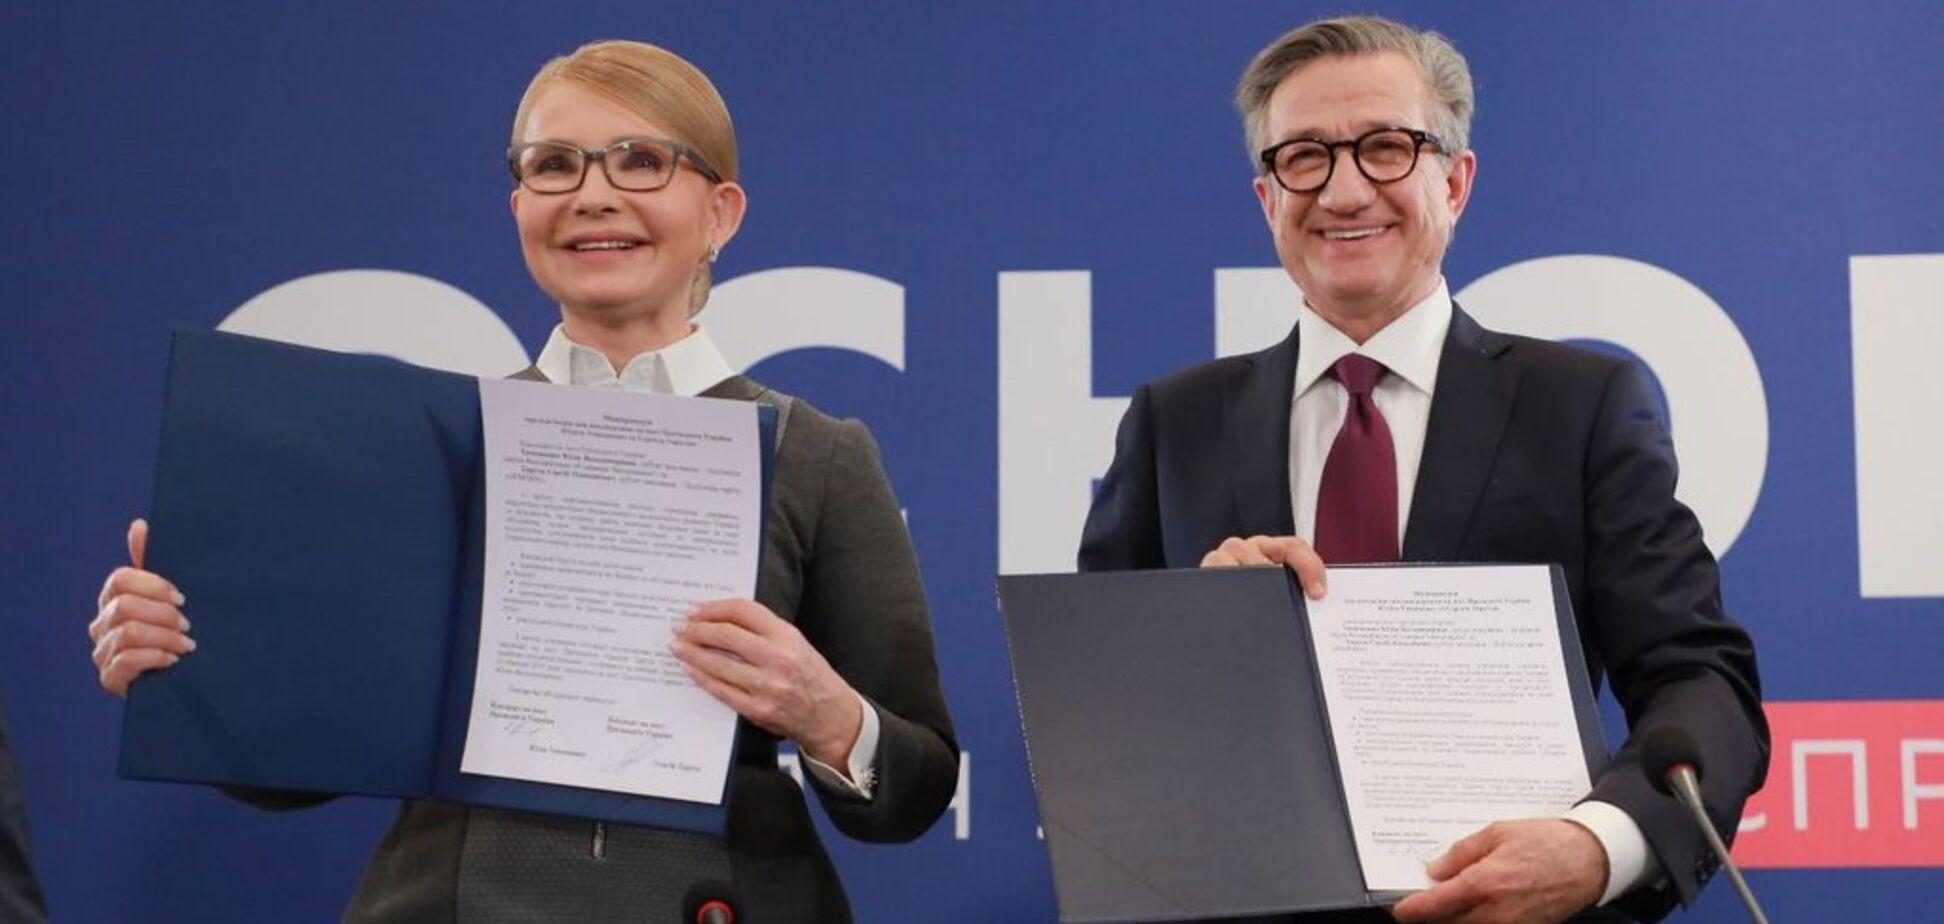 Тарута підтримав Тимошенко на виборах президента України